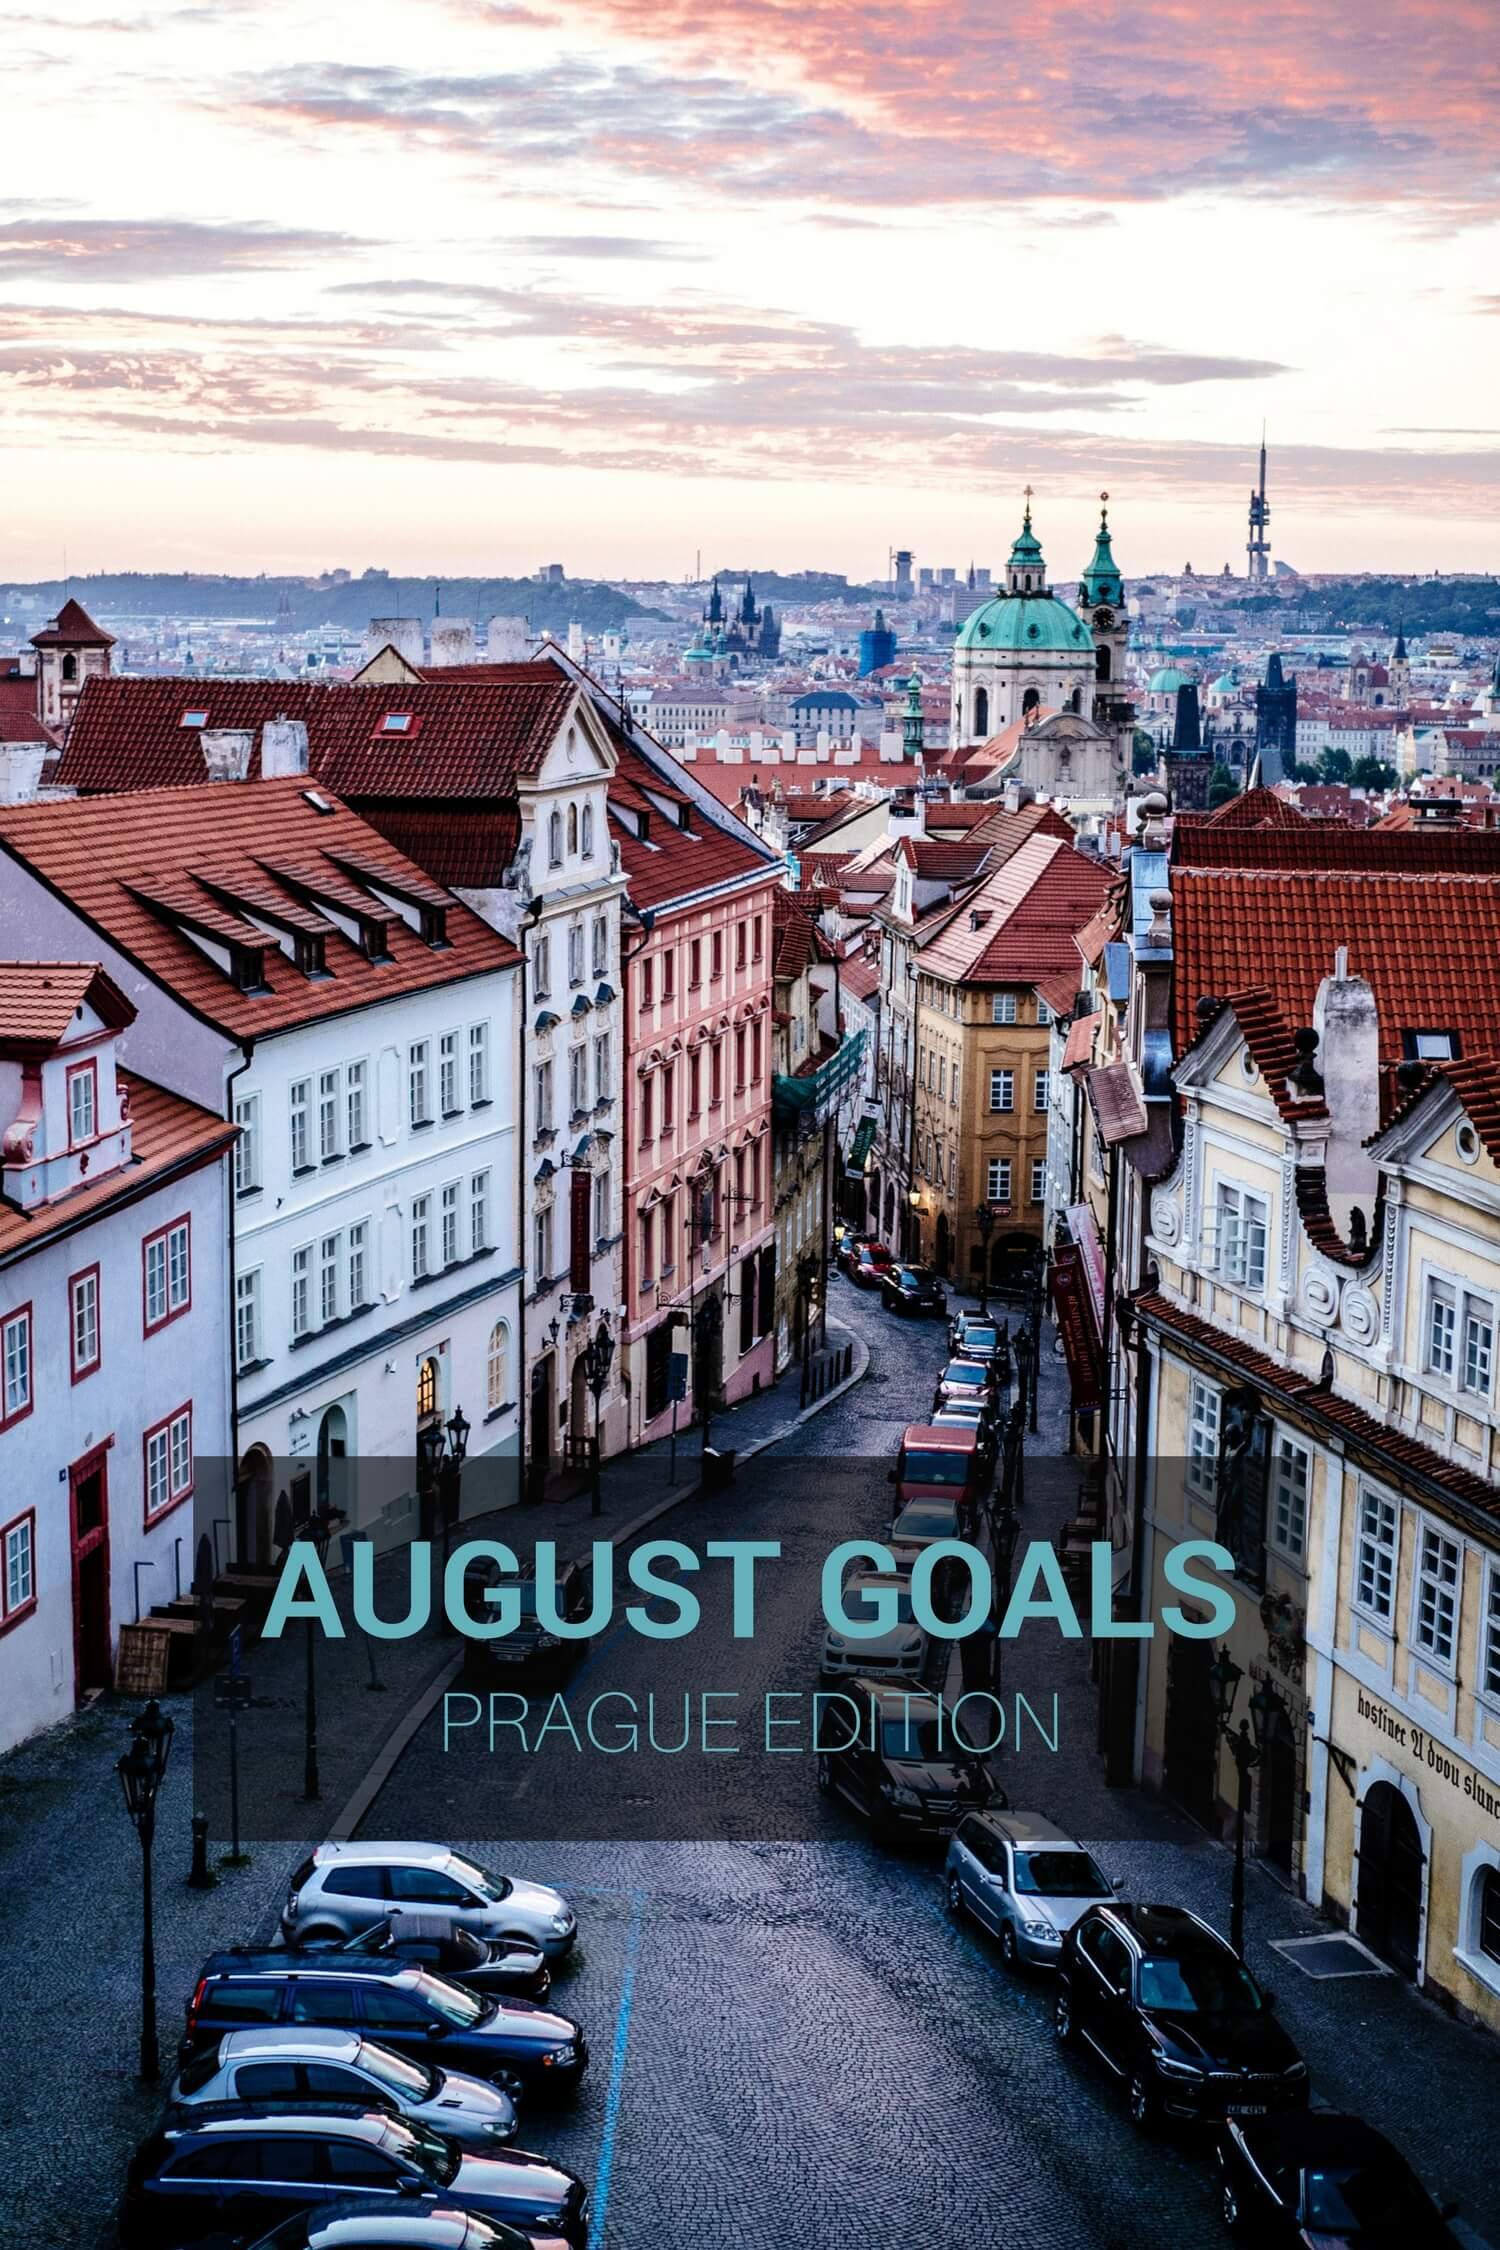 August Goals: Sunrise in Prague